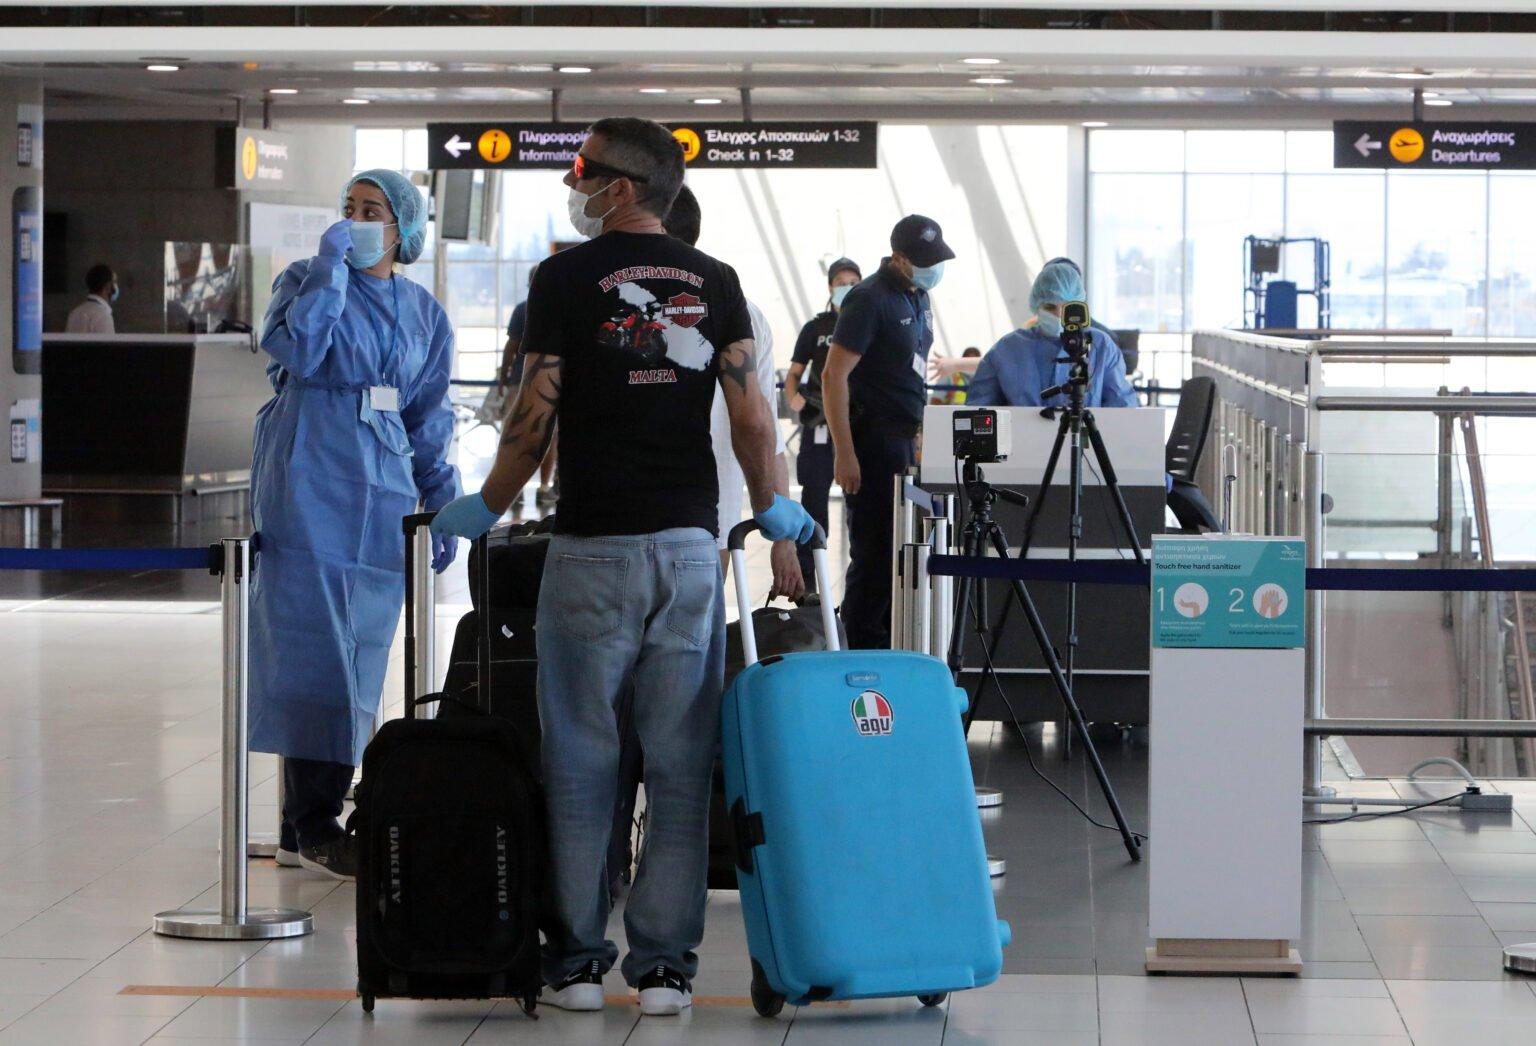 塞浦路斯:7月1日起 启用欧盟新冠数字通行证